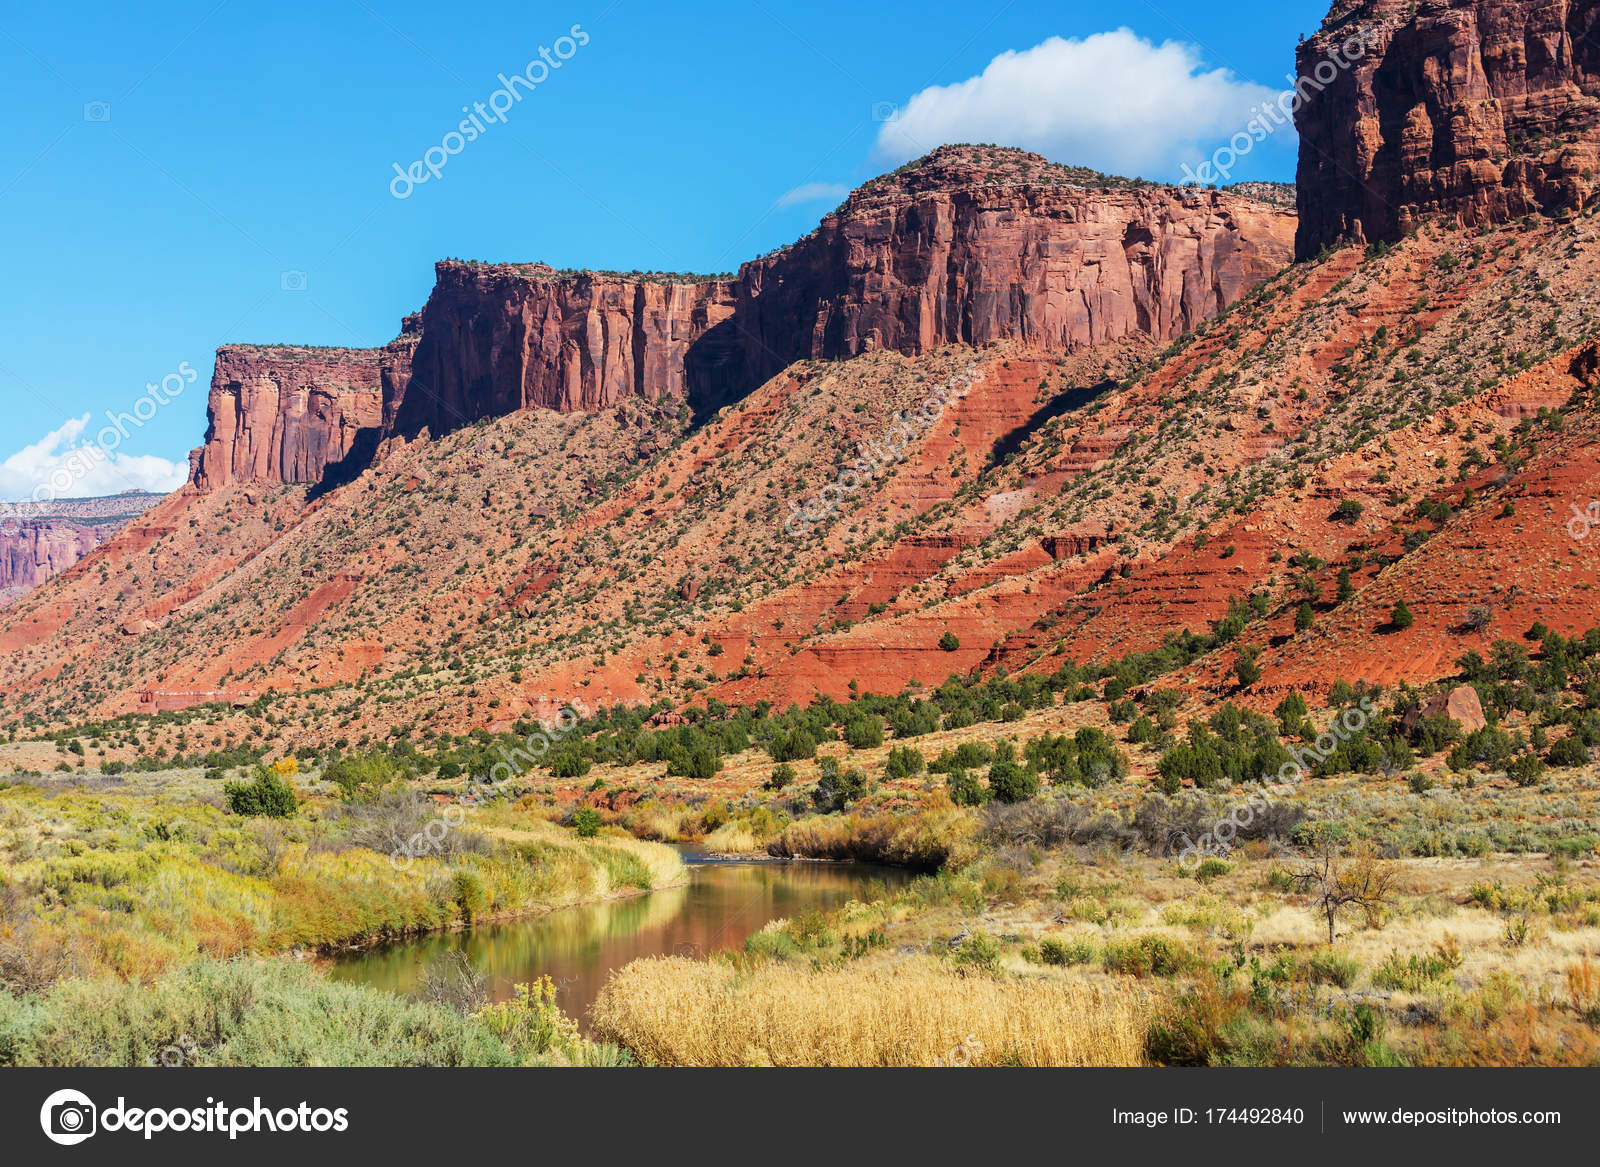 Paesaggi naturali colorado foto stock kamchatka 174492840 for Foto paesaggi naturali gratis